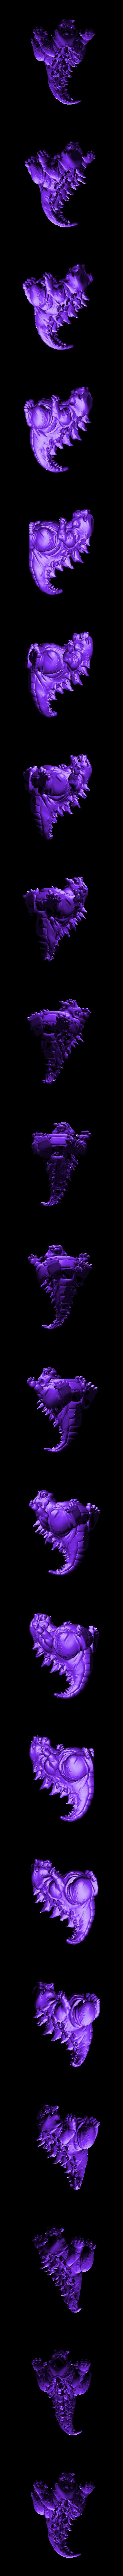 godlizard.stl Download free STL file Godlizard • 3D printable design, HeribertoValle